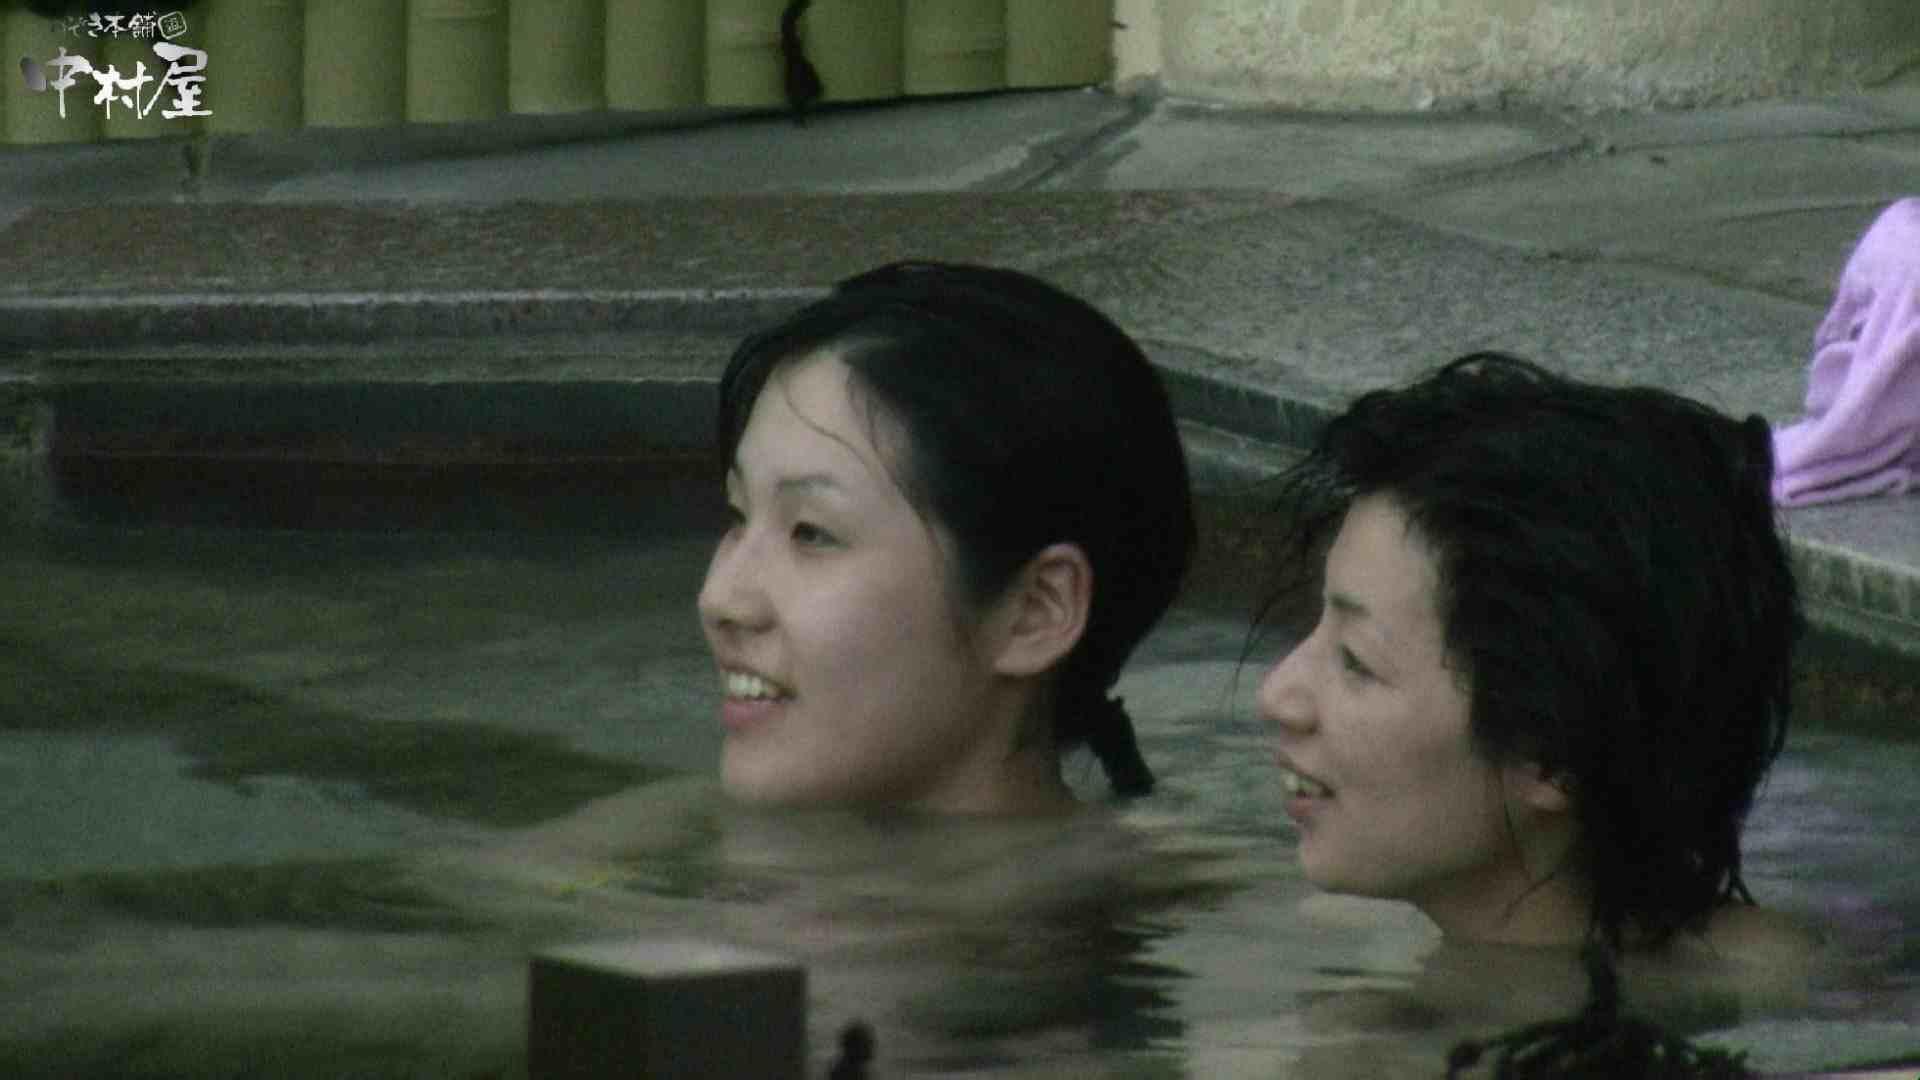 Aquaな露天風呂Vol.983 0  78pic 22